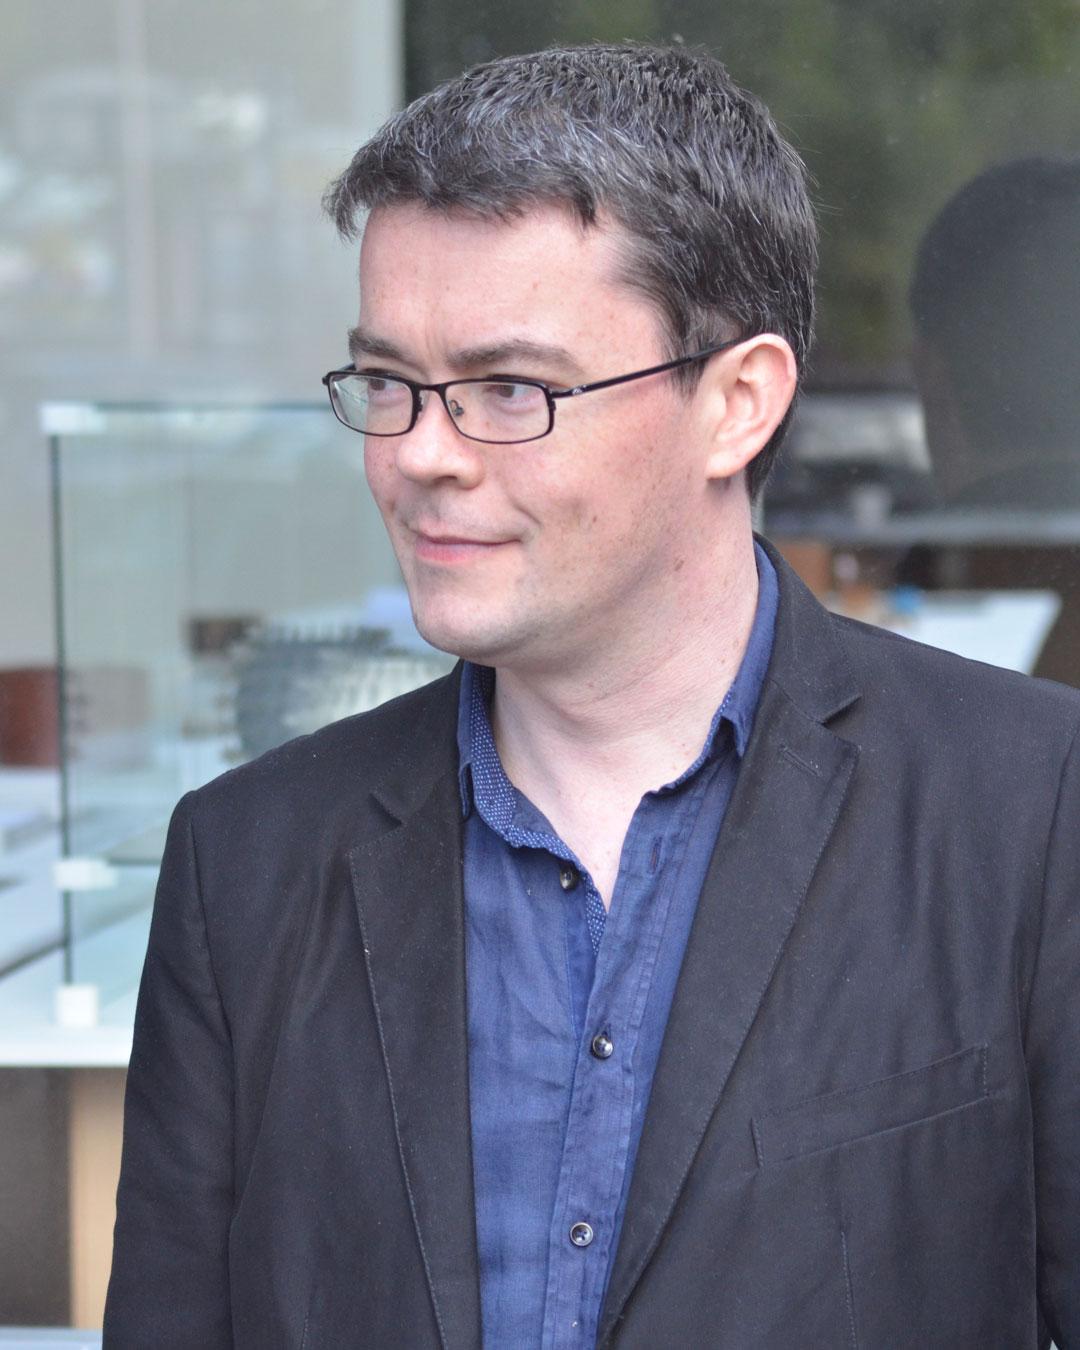 Cóilín Ó Dubhghaill, 2012